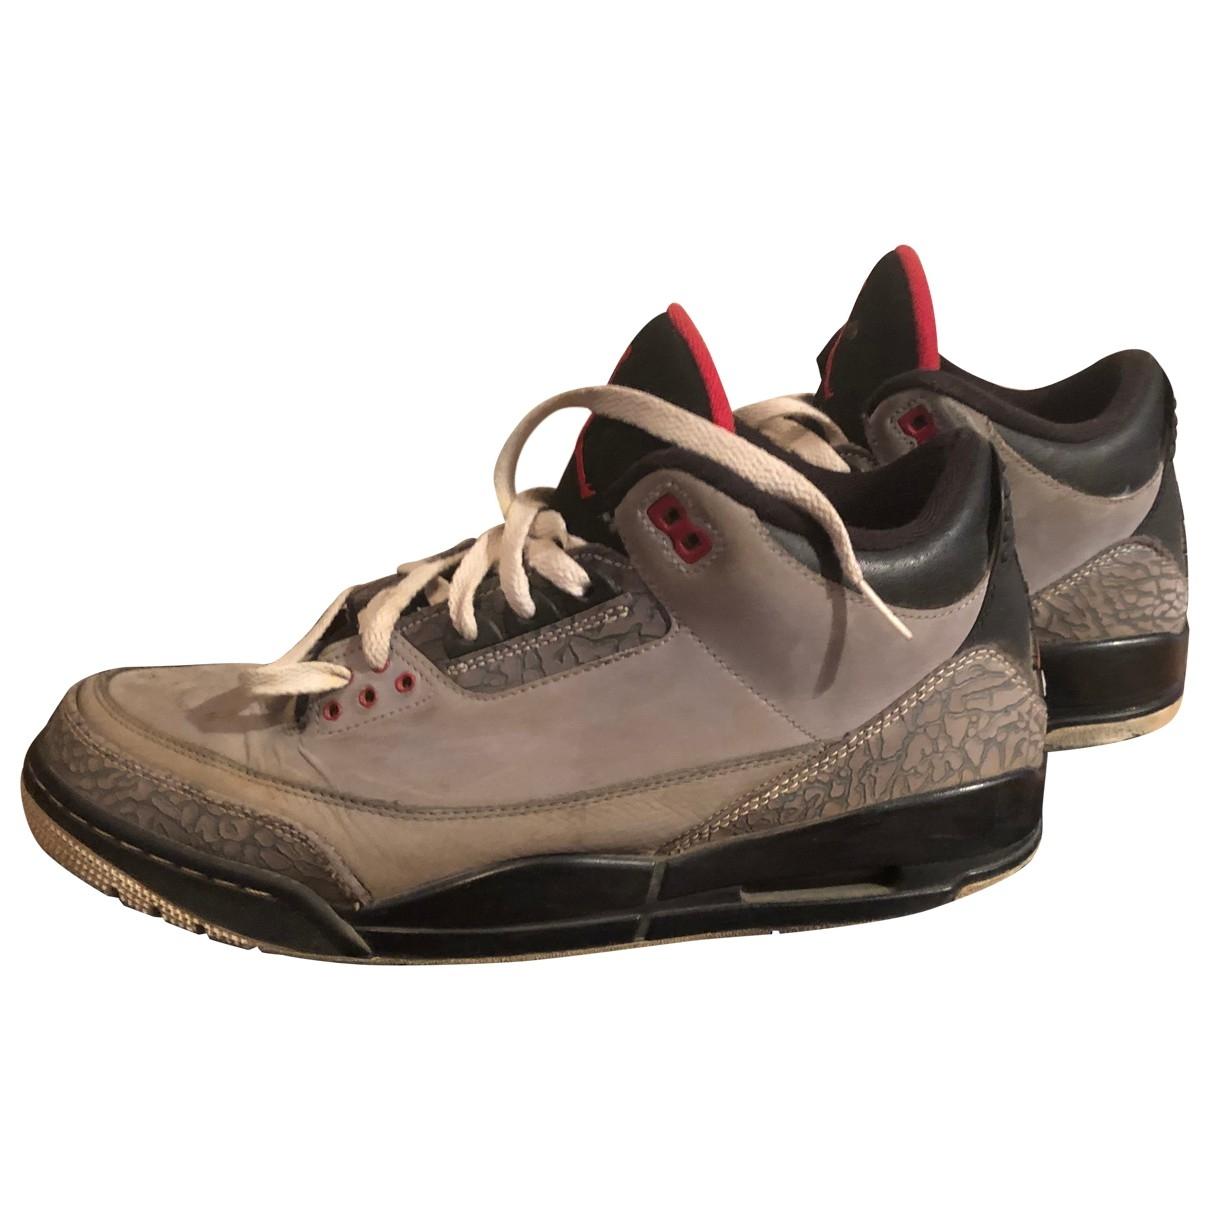 Jordan Air Jordan 3 Grey Cloth Trainers for Men 11 US